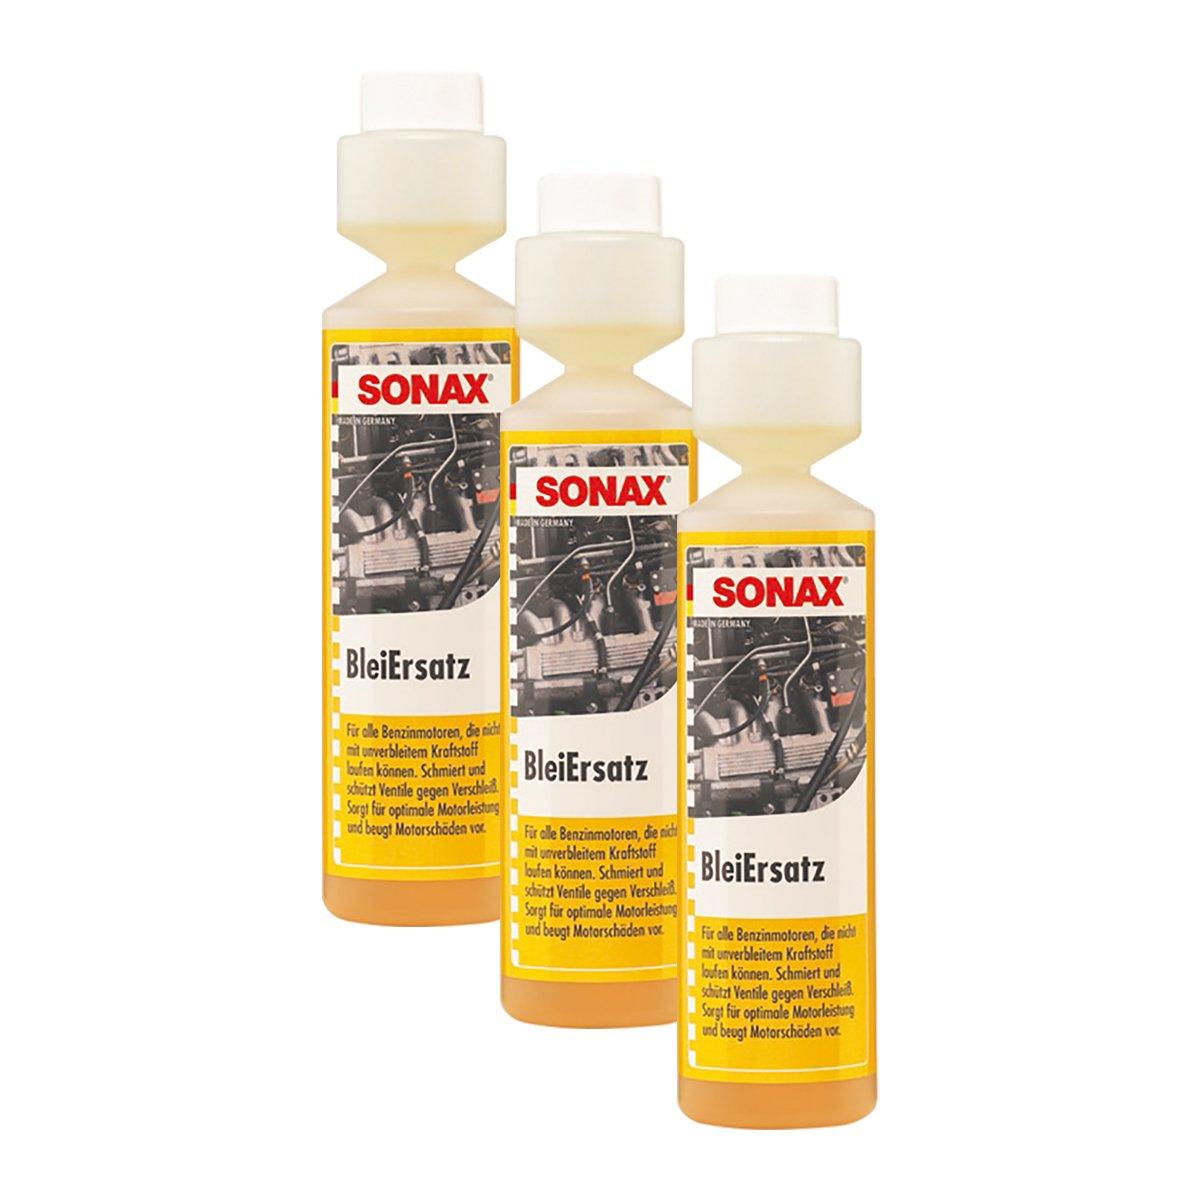 SONAX 3X 05121410 BleiErsatz Bleiersatzstoff Kraftstoff Benzin Additiv 250ml